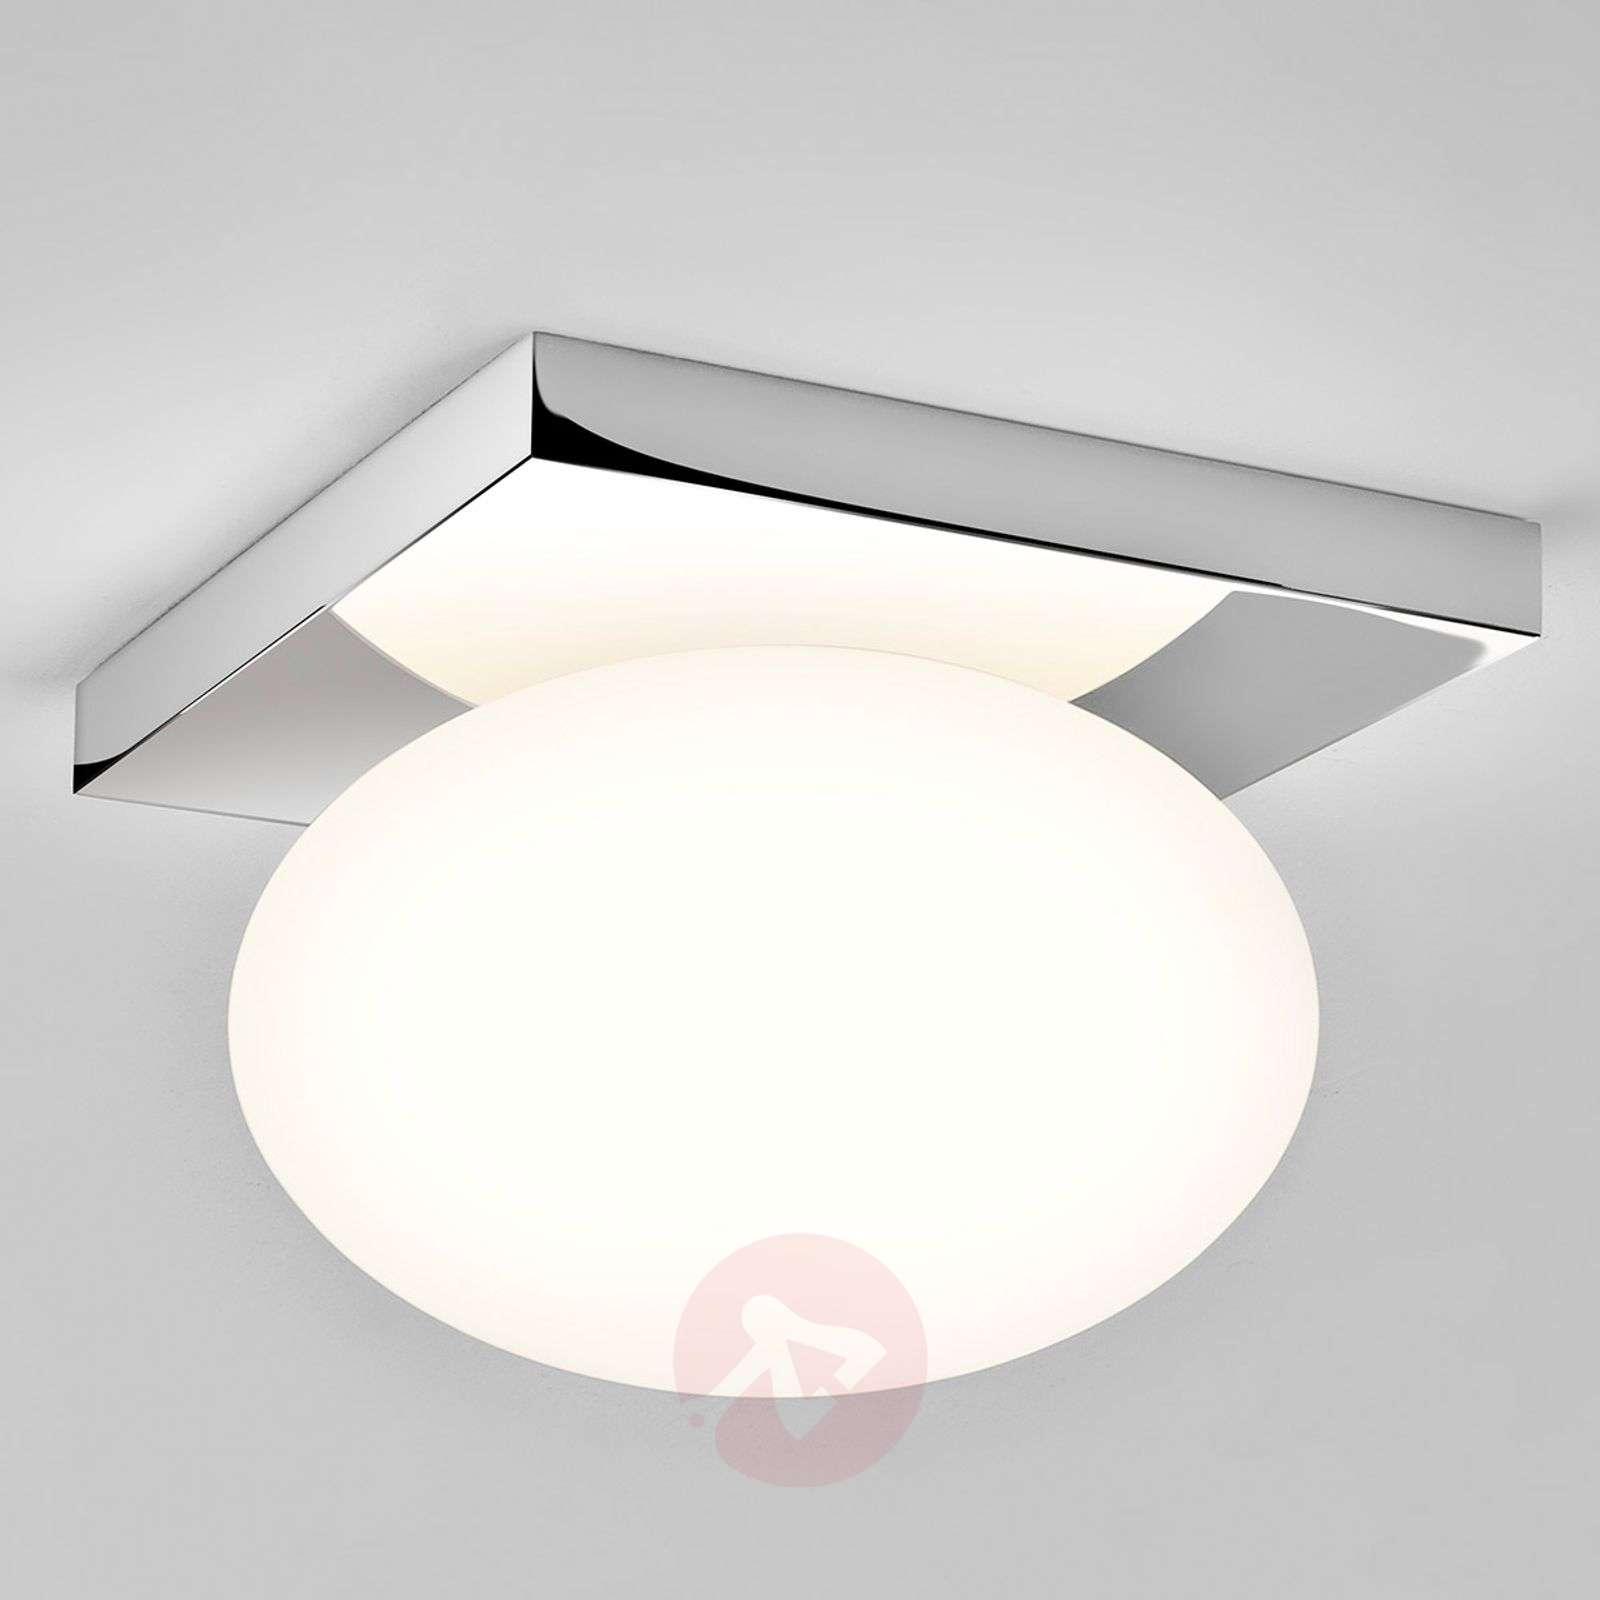 Castiro Ceiling Light Unusual-1020393-02